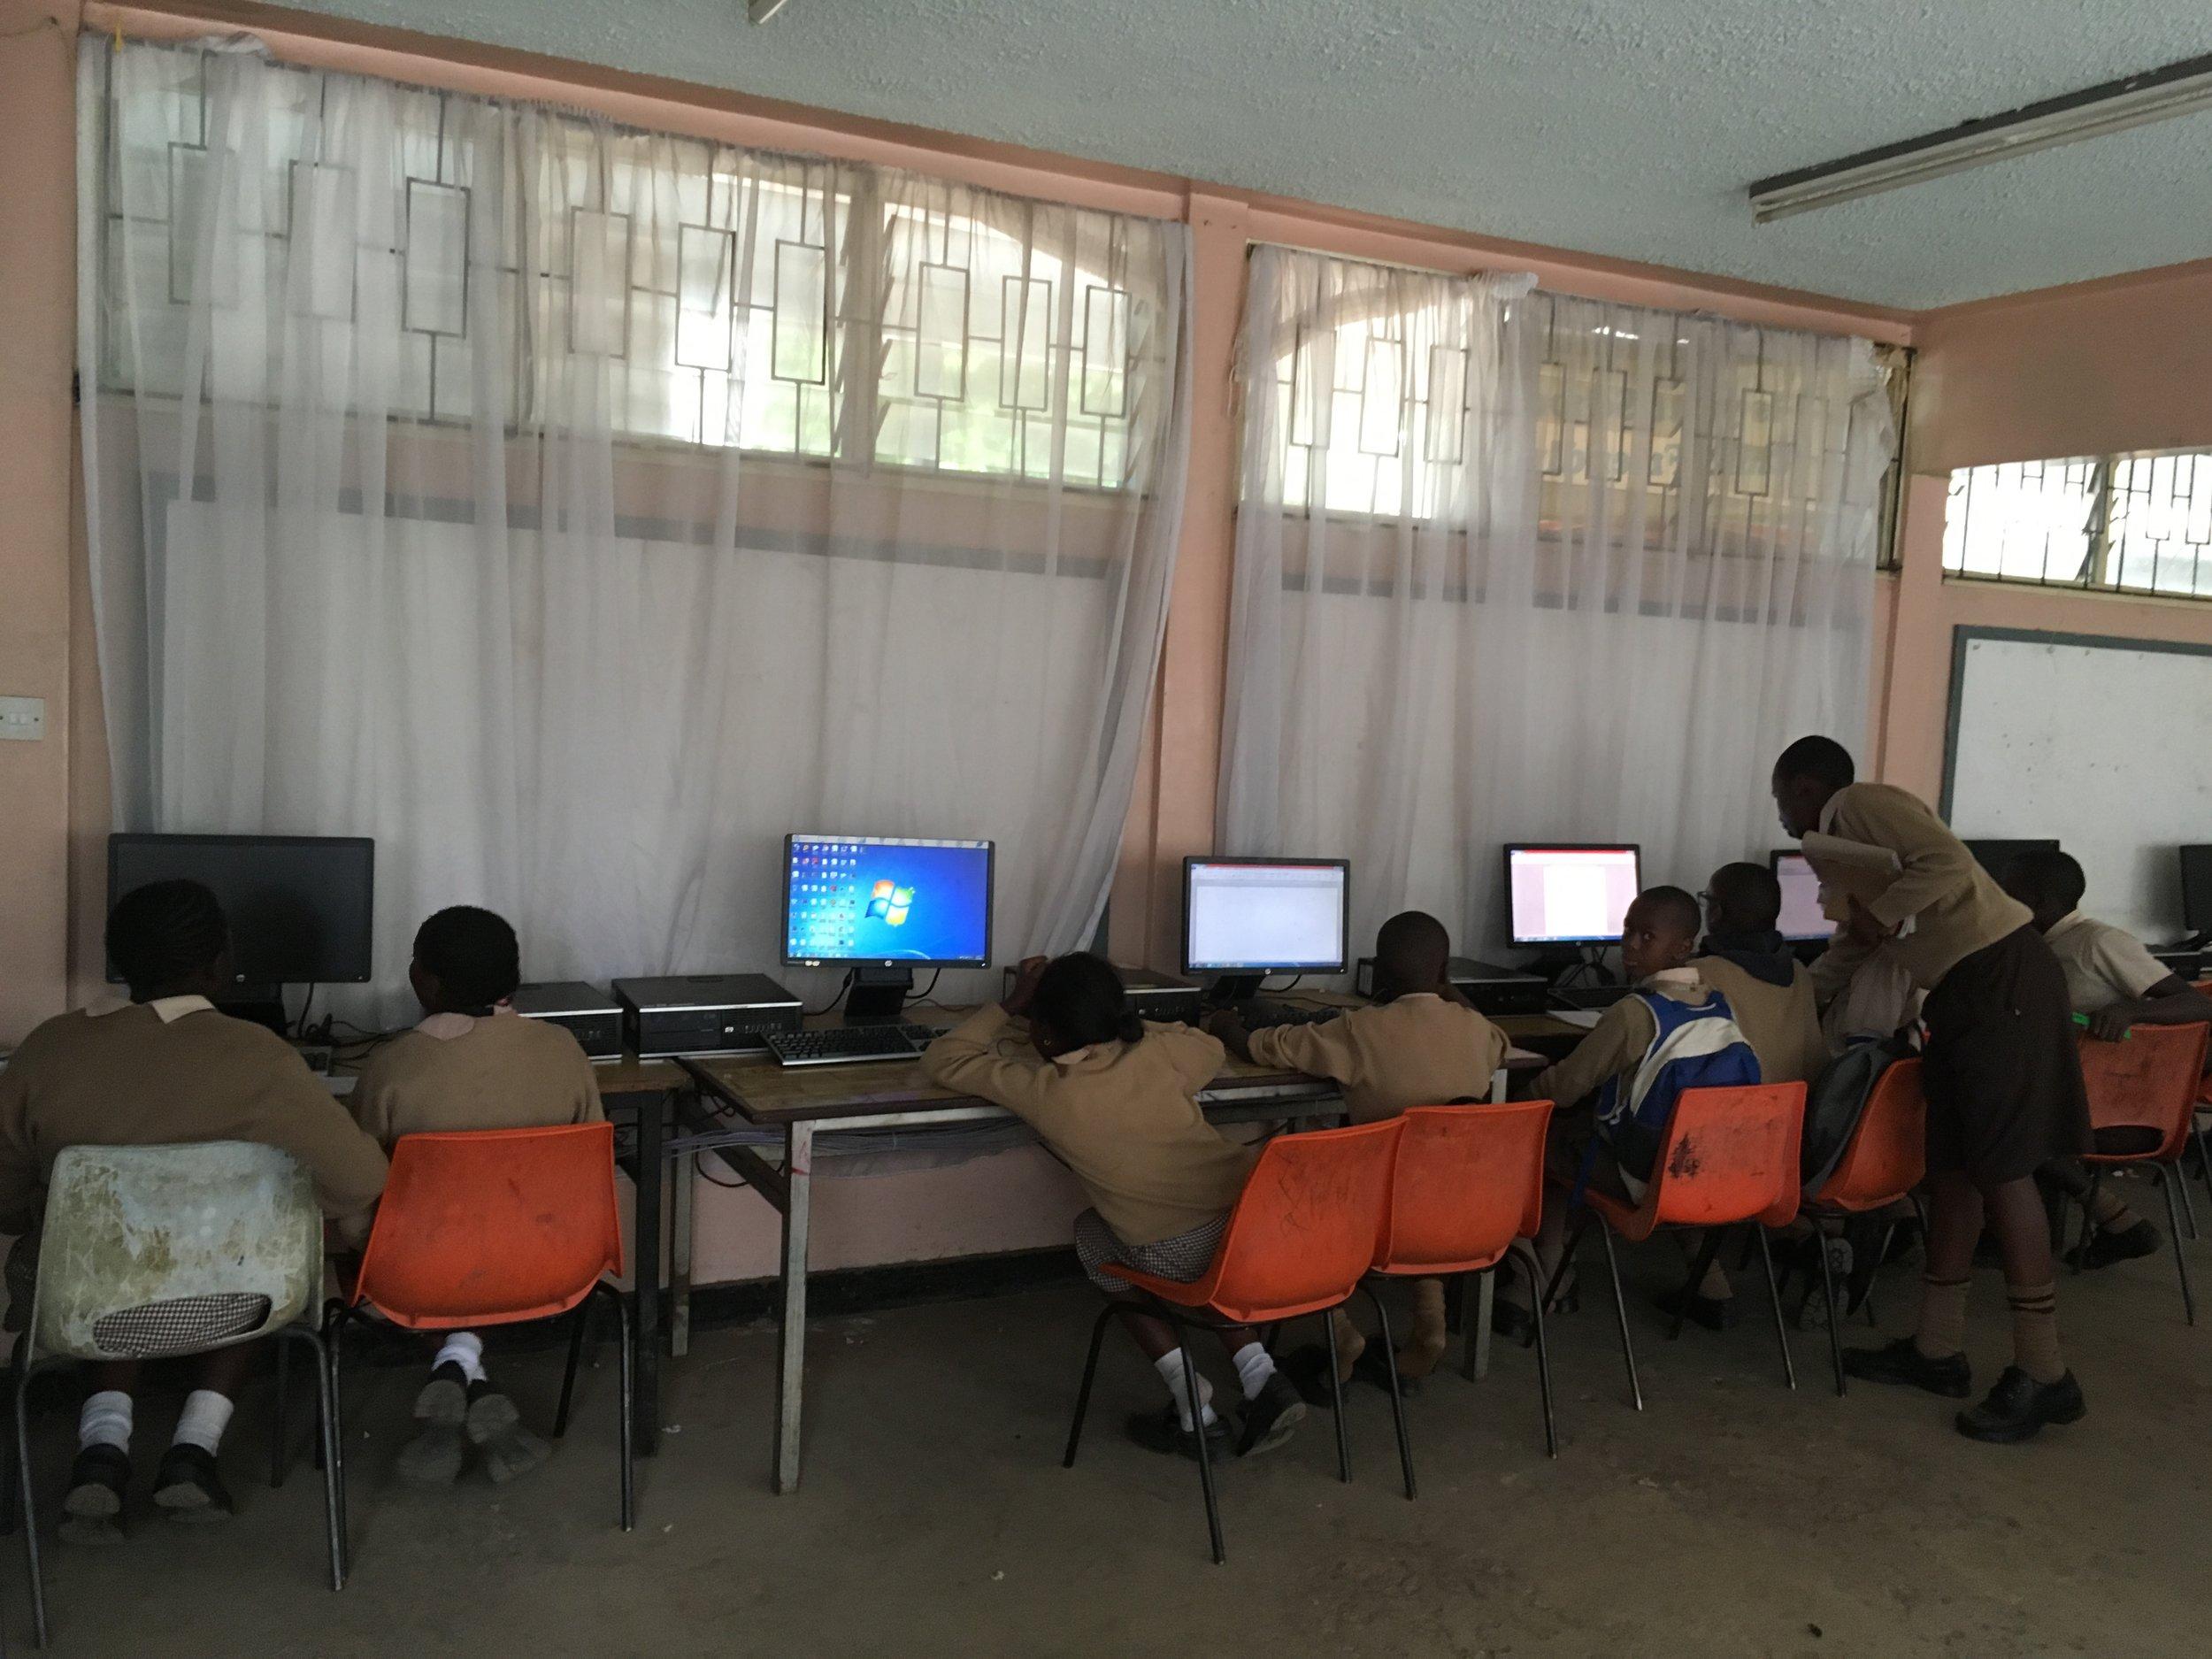 小学校のコンピュータルーム。ネット速度は想像以上に速い。